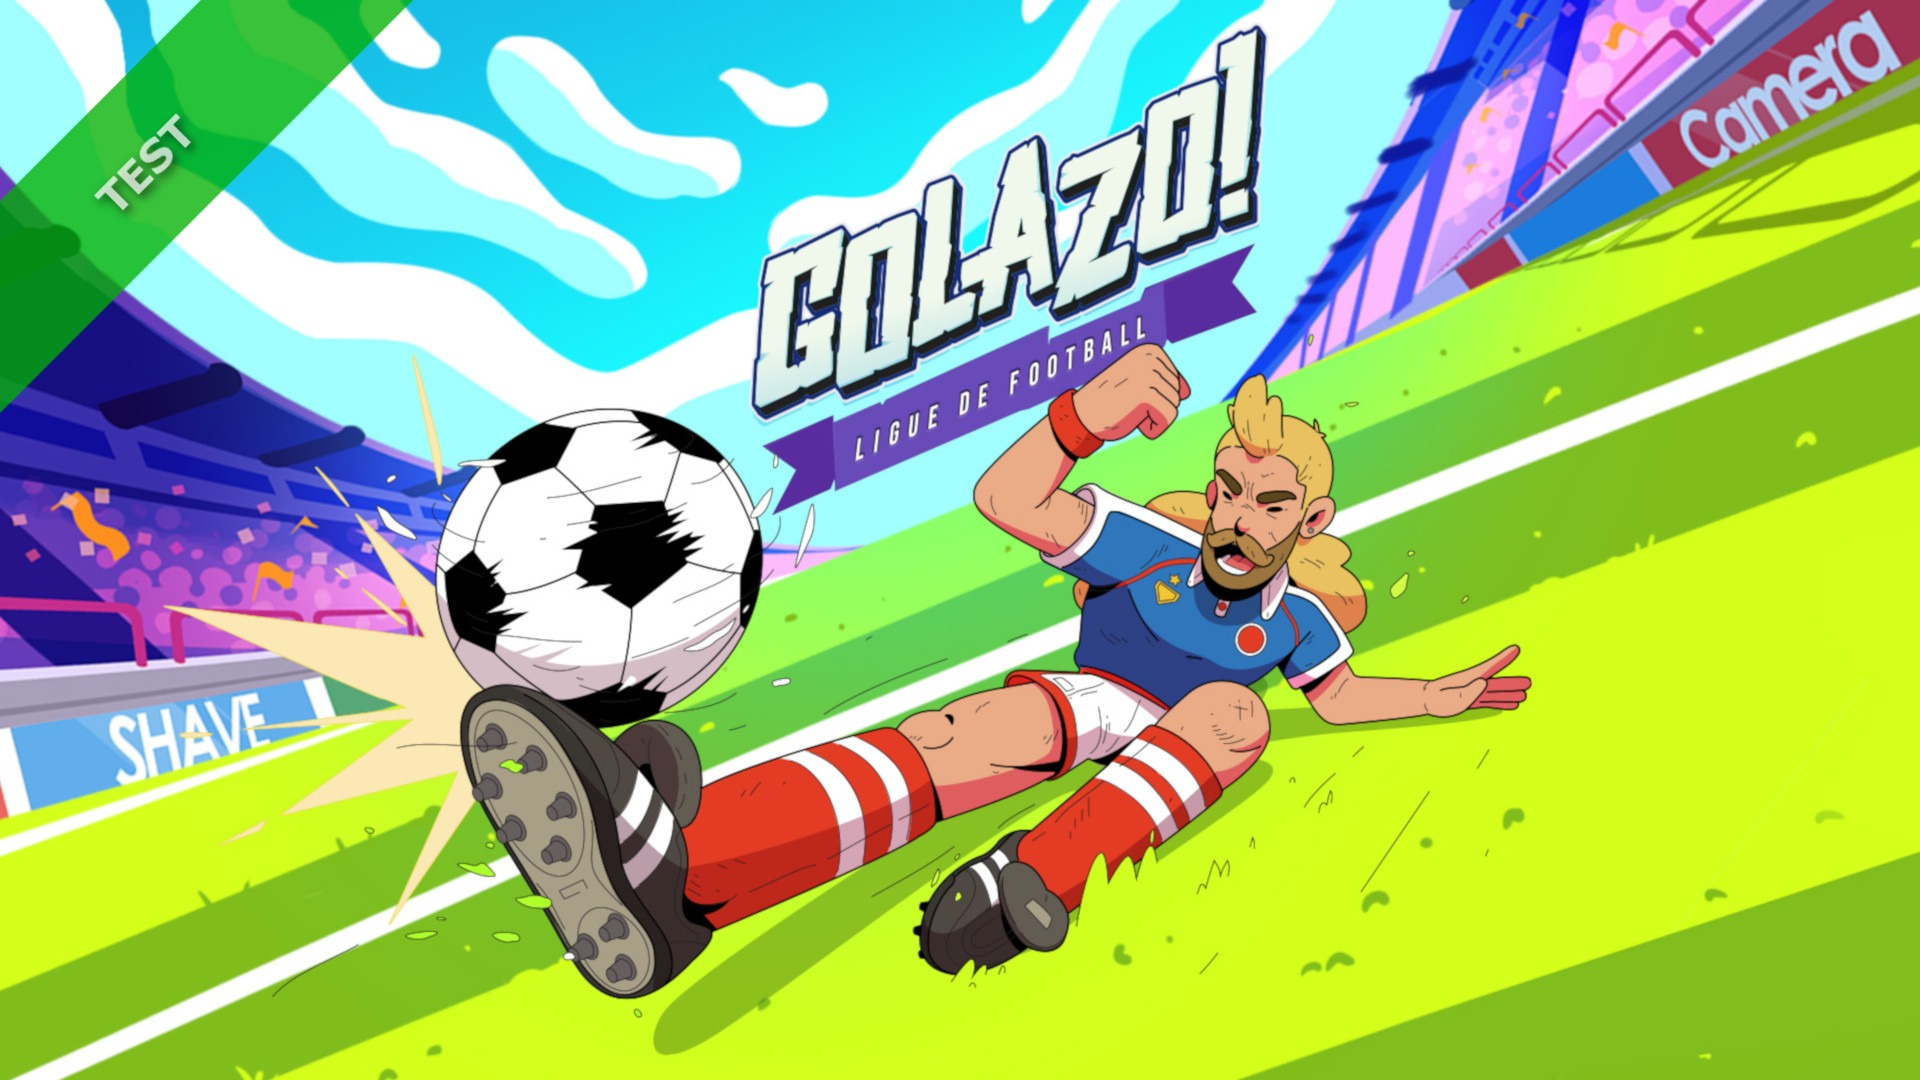 TEST Golazo! XWFR